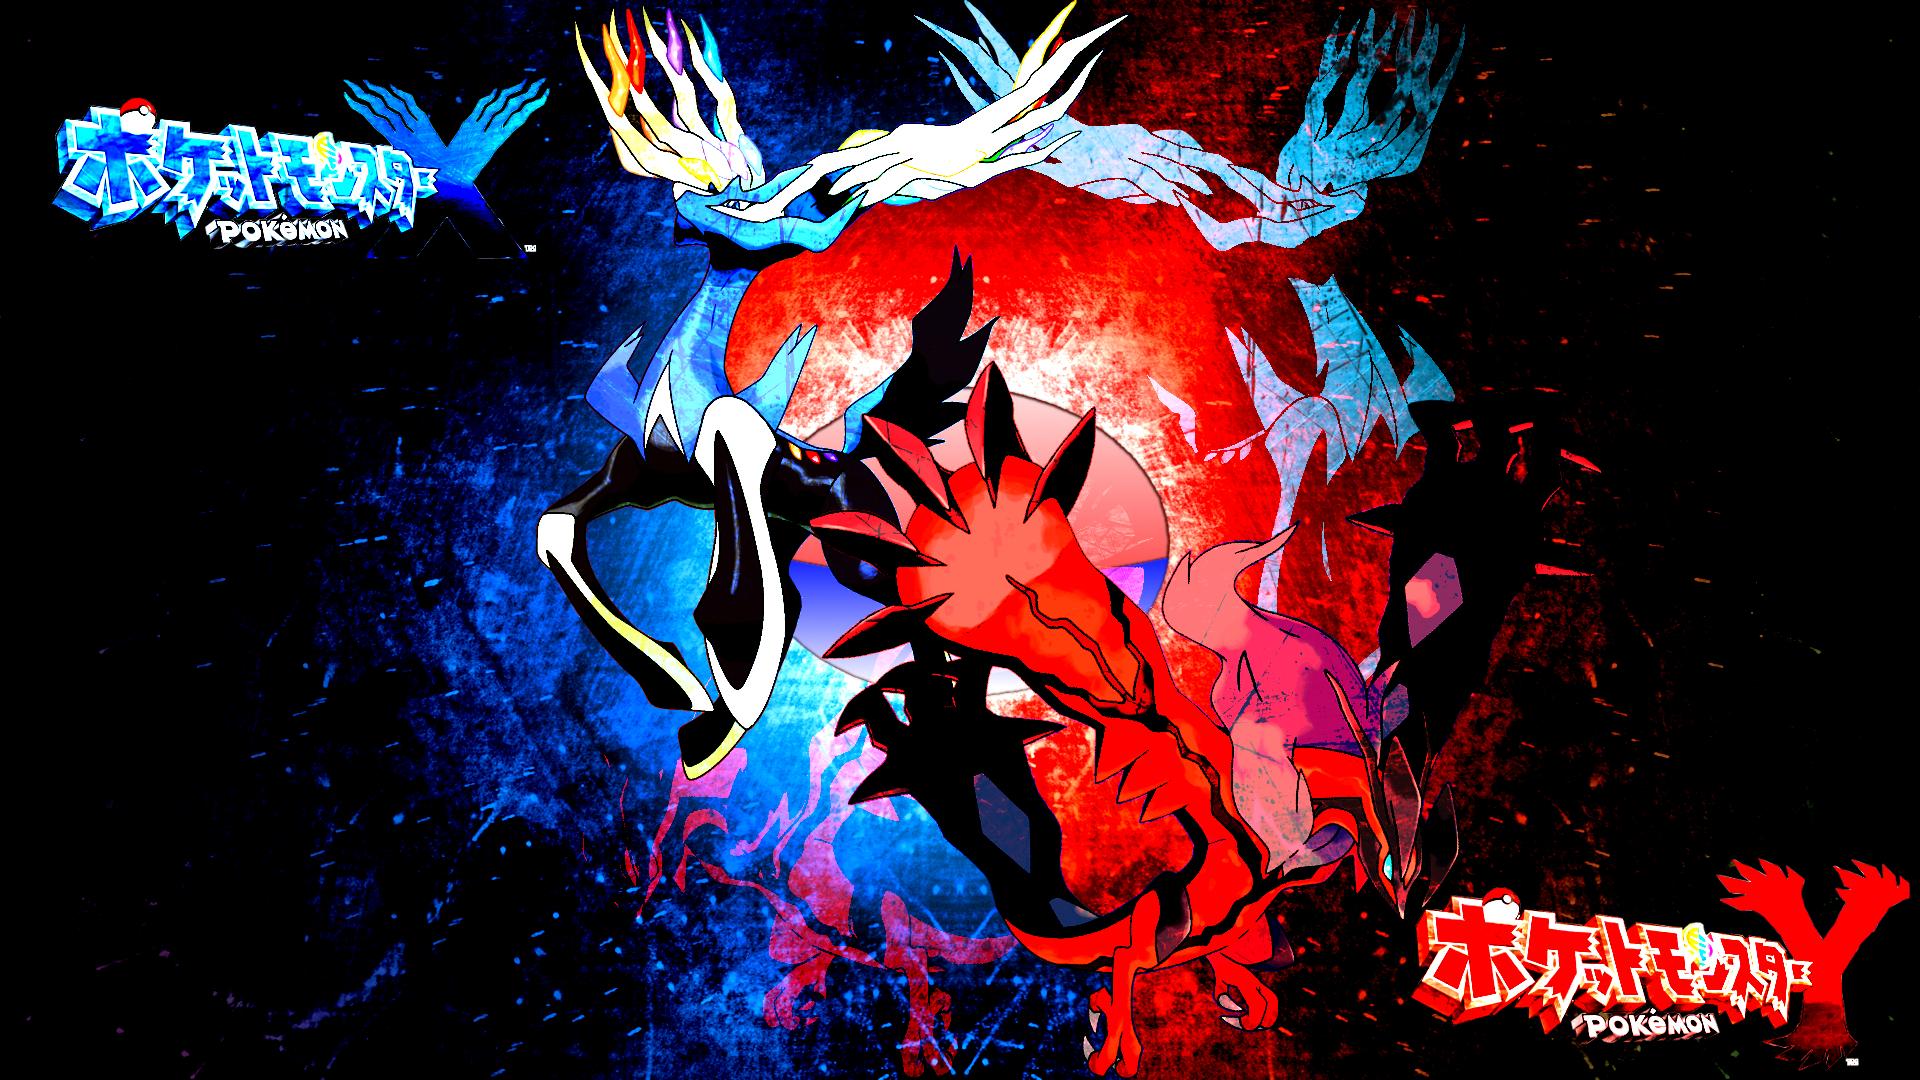 Legendary Pokemon image legendary pokemon 36184599 1920 1080jpg 1920x1080